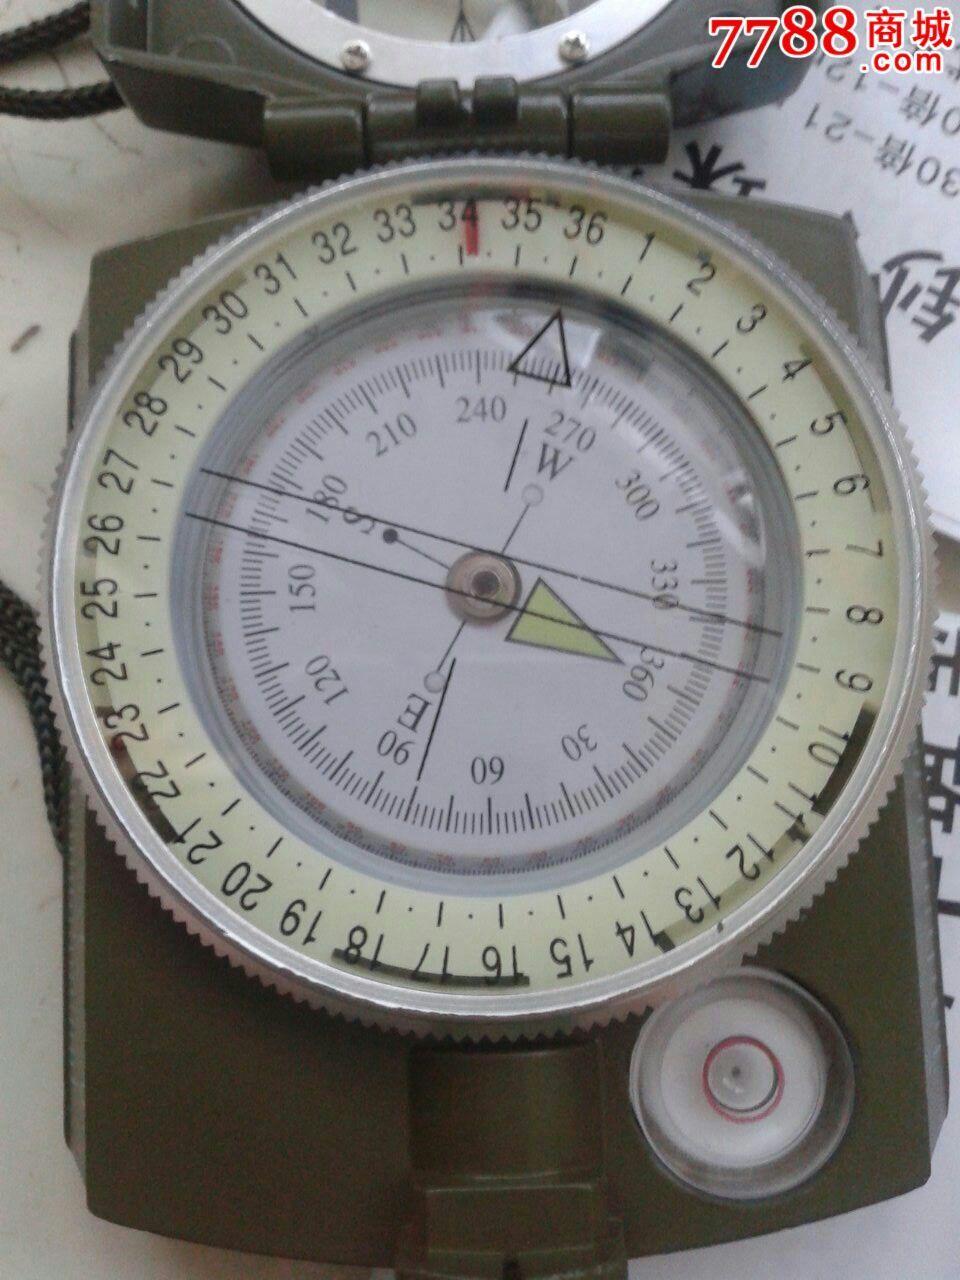 97指北针使用方法图解